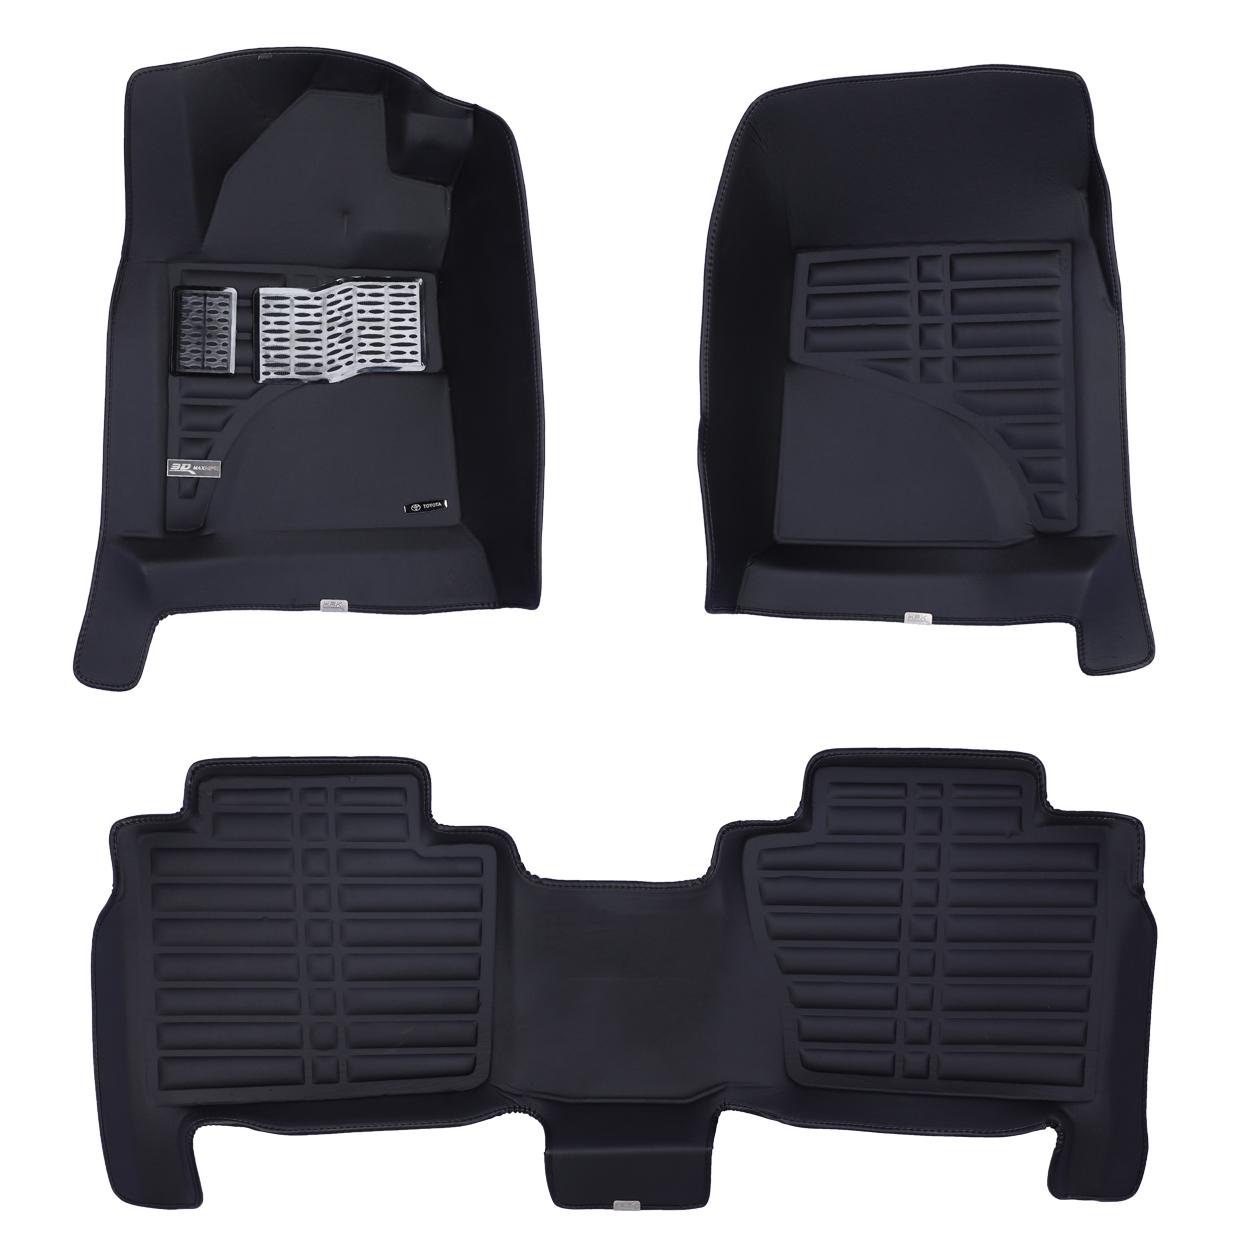 کفپوش سه بعدی خودرو تری مکس اچ اف کی مدل HS110222 مناسب برای تویوتا لندکروزر